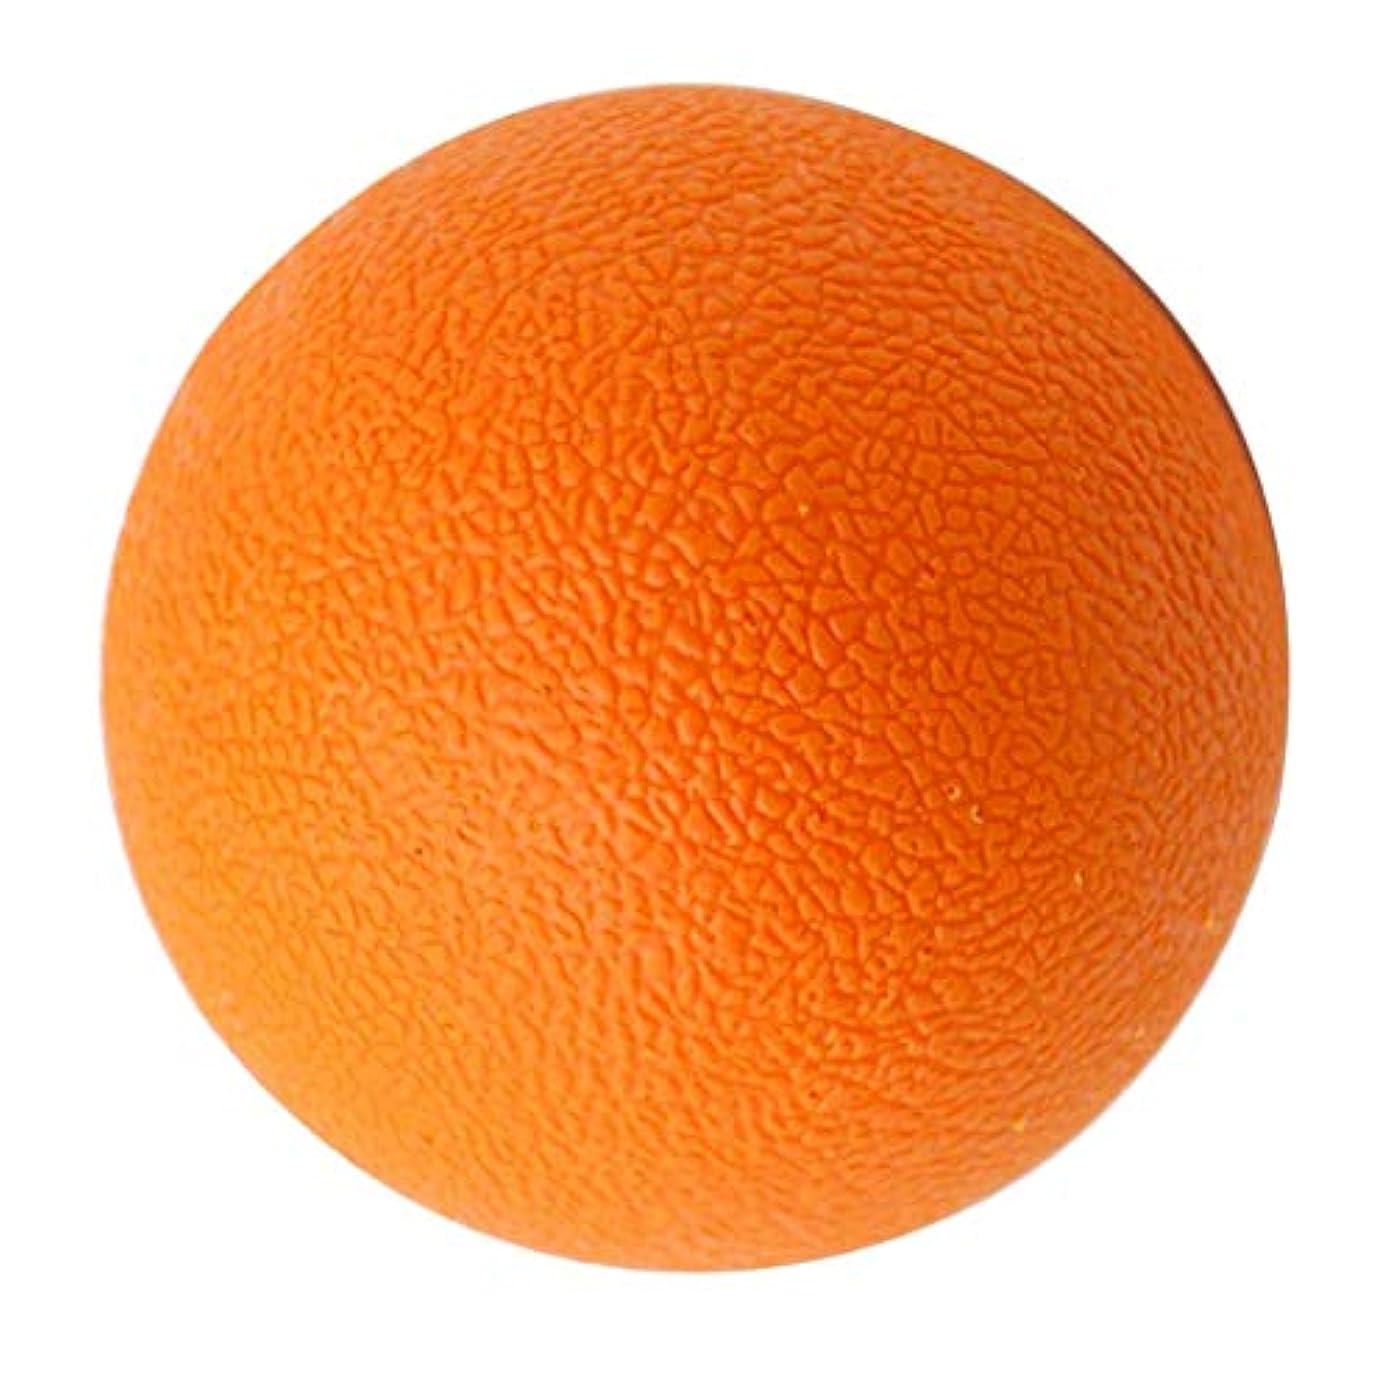 改善部ラウズラクロスボール マッサージボール トリガーポイント 筋膜リリース 腕、首、背中 解消 オレンジ